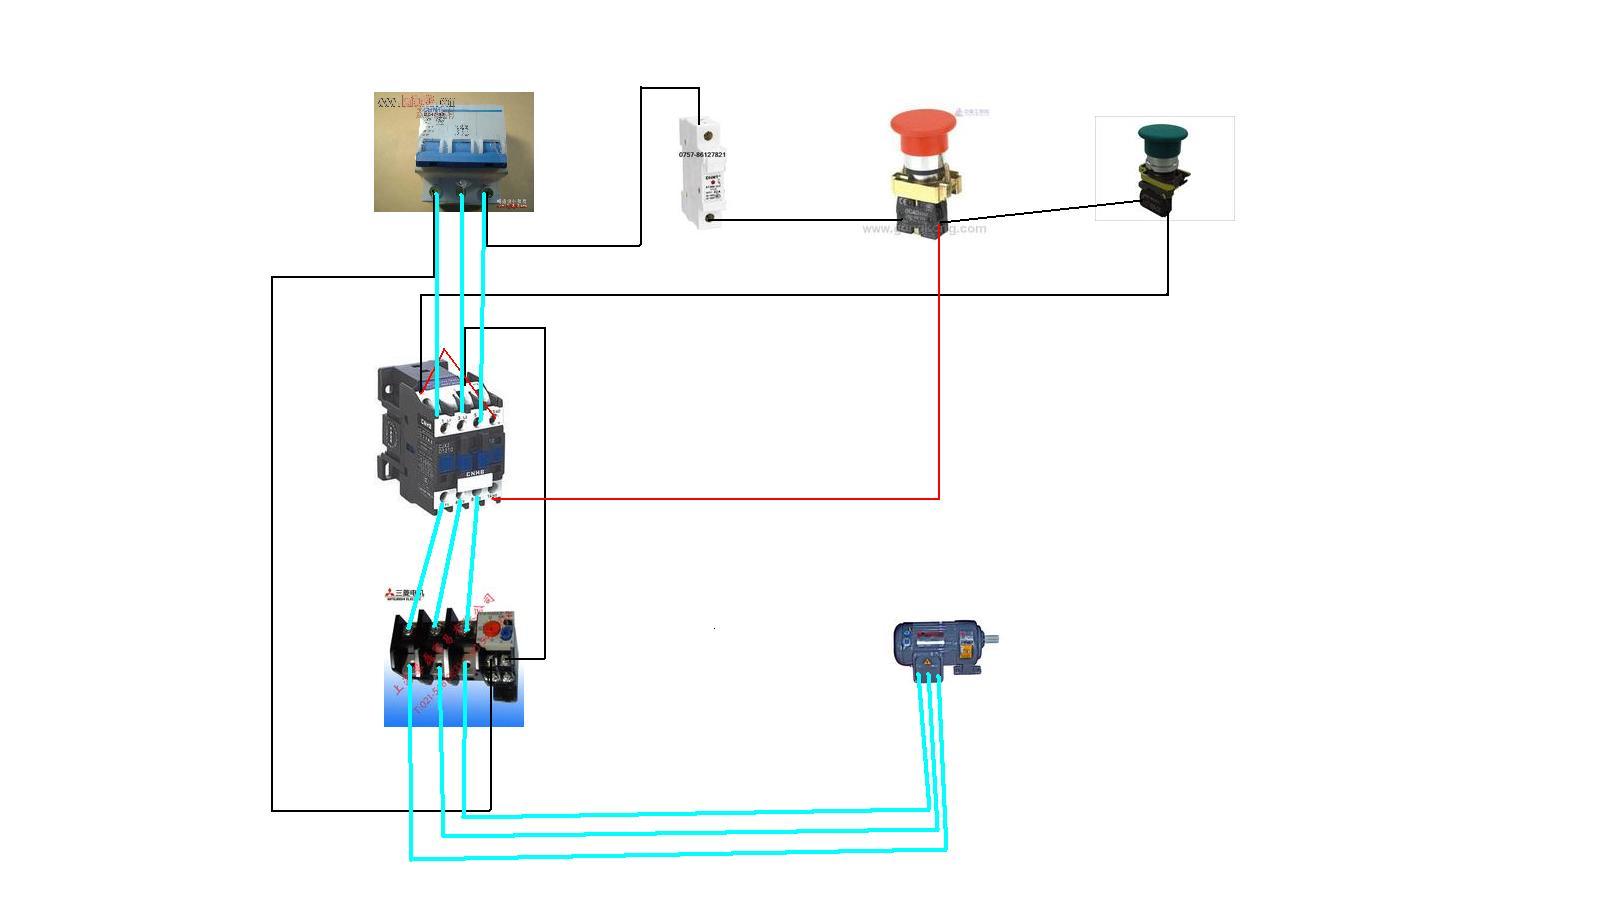 求用一个接触器一个按钮开关和一个电动机接线